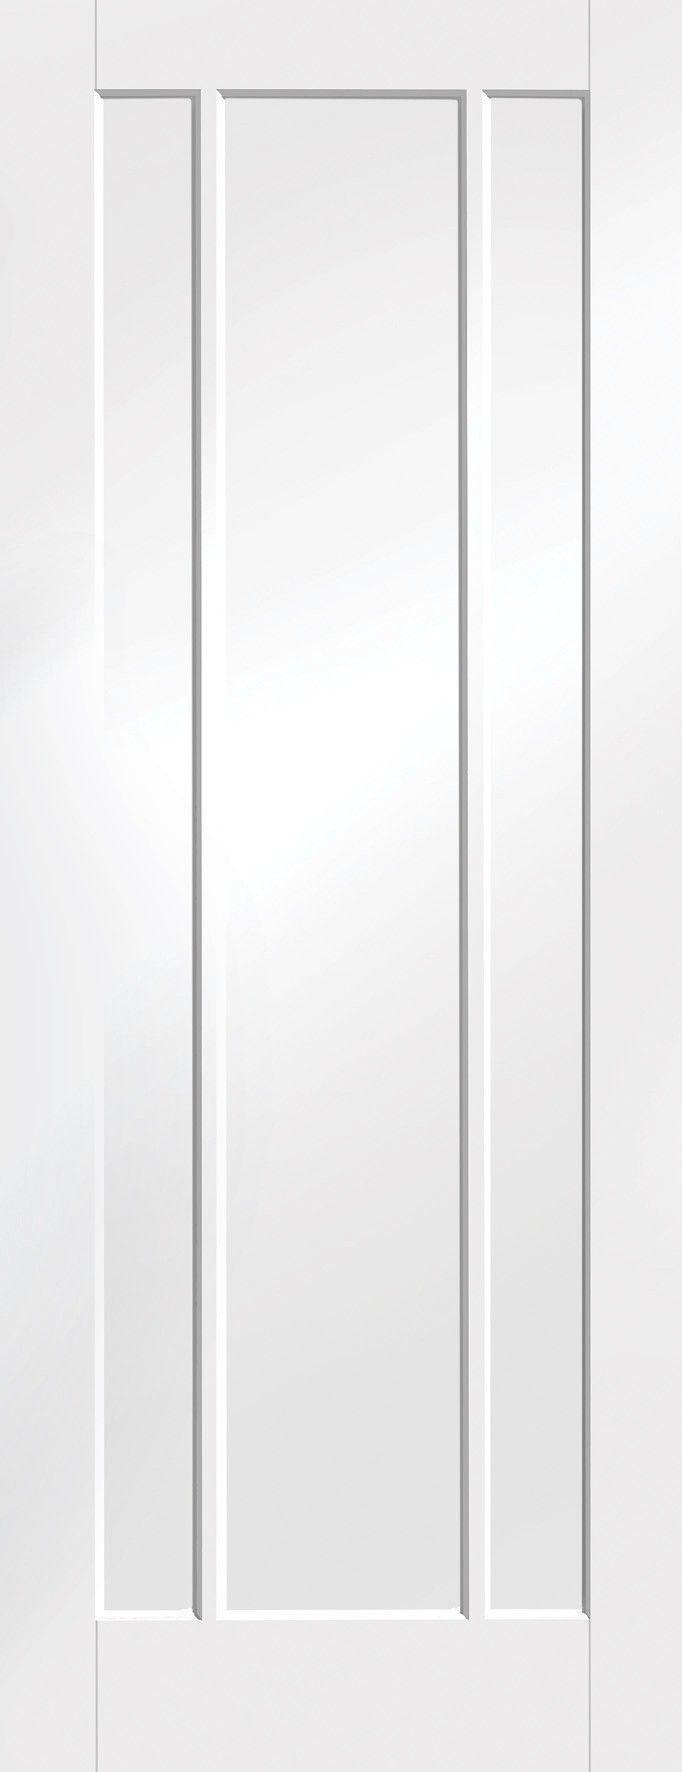 18 Best Doors Images On Pinterest Arquitetura Baseboards And  # Beestudio Muebles